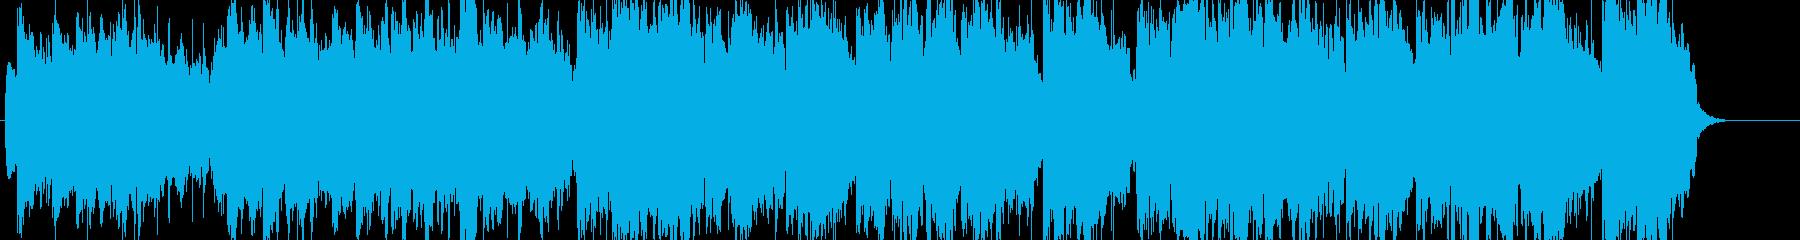 しっとり、優しい、メルヘン、まどろみの再生済みの波形